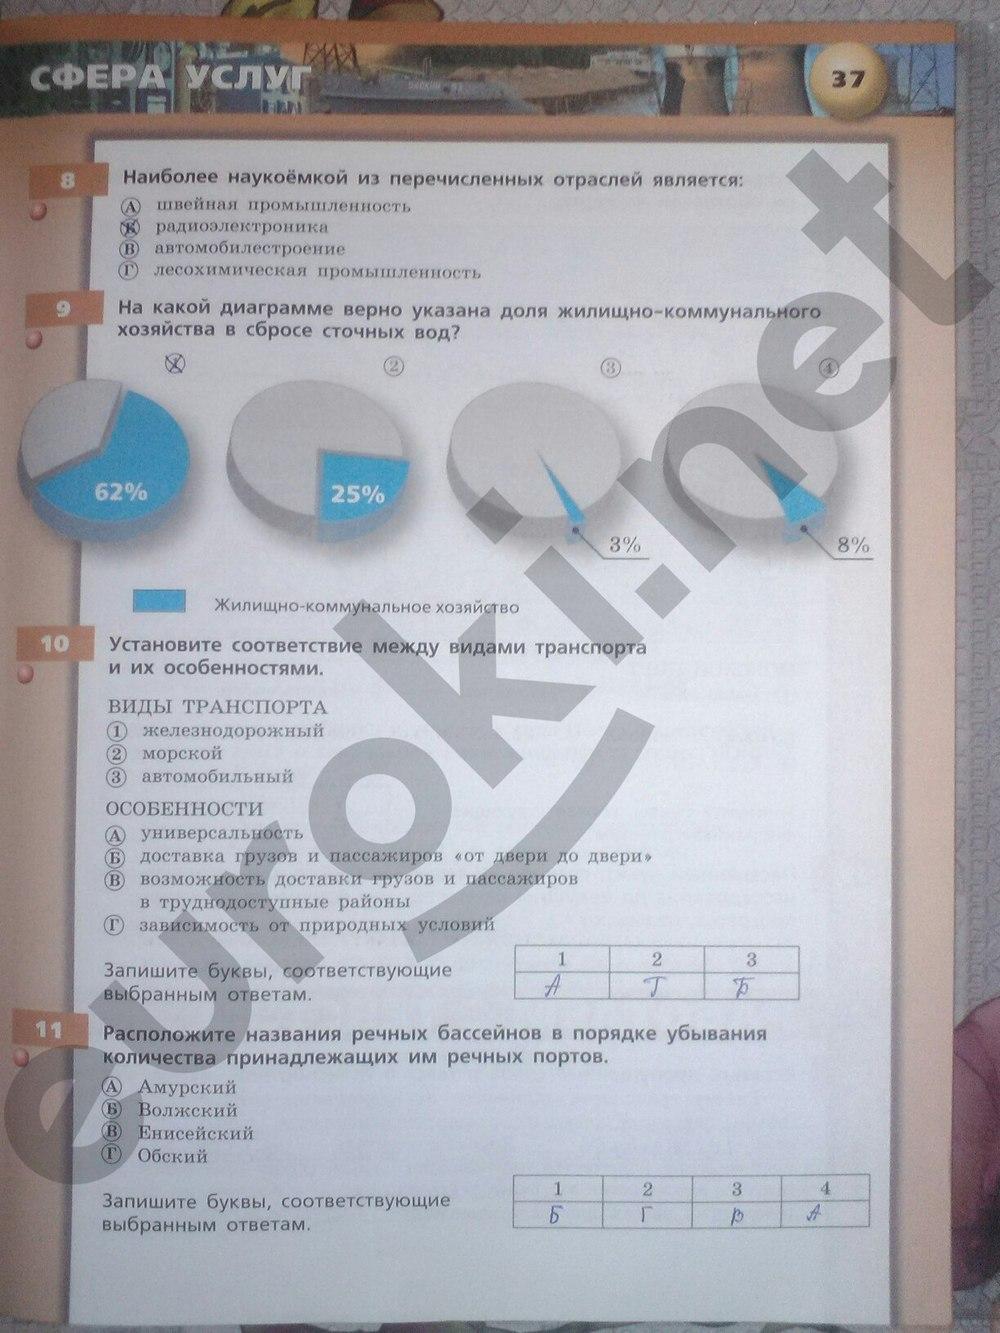 ГДЗ по географии 9 класс тетрадь тренажёр Ходова, Ольховая. Задание: стр. 37